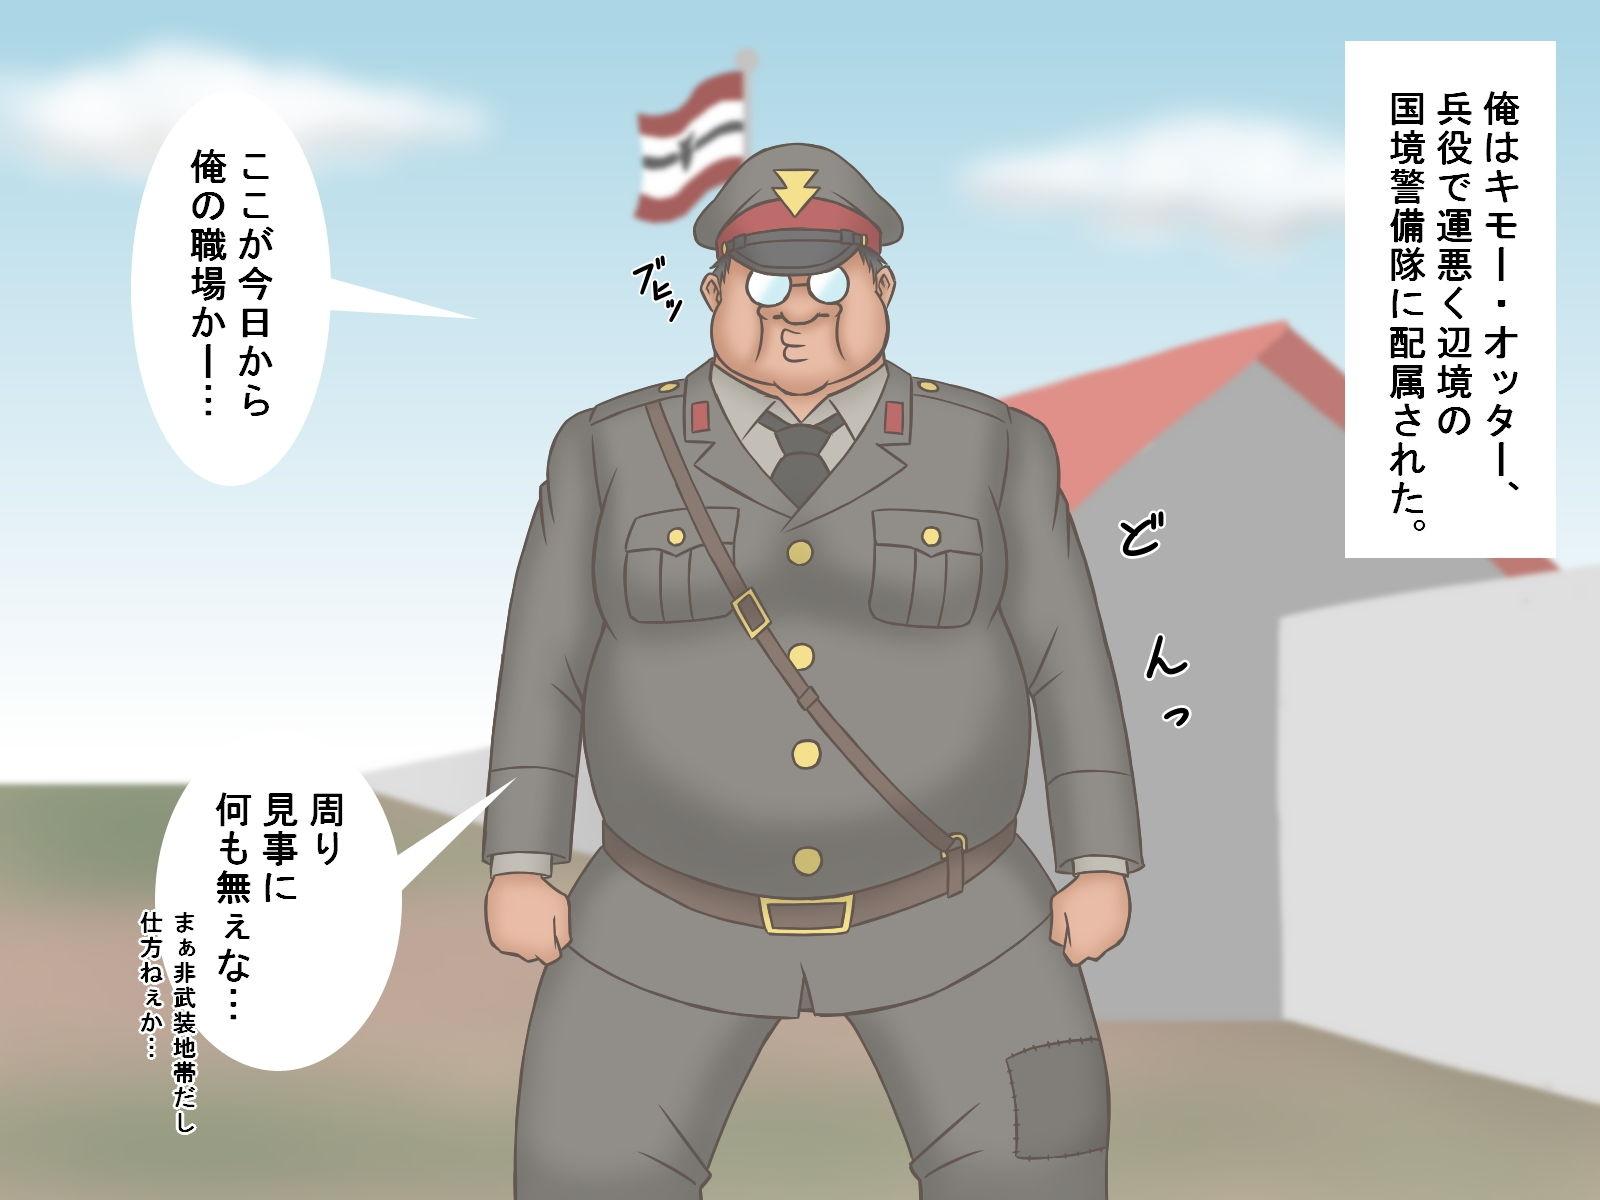 【茶豆 同人】オタクに国境を任せた結果